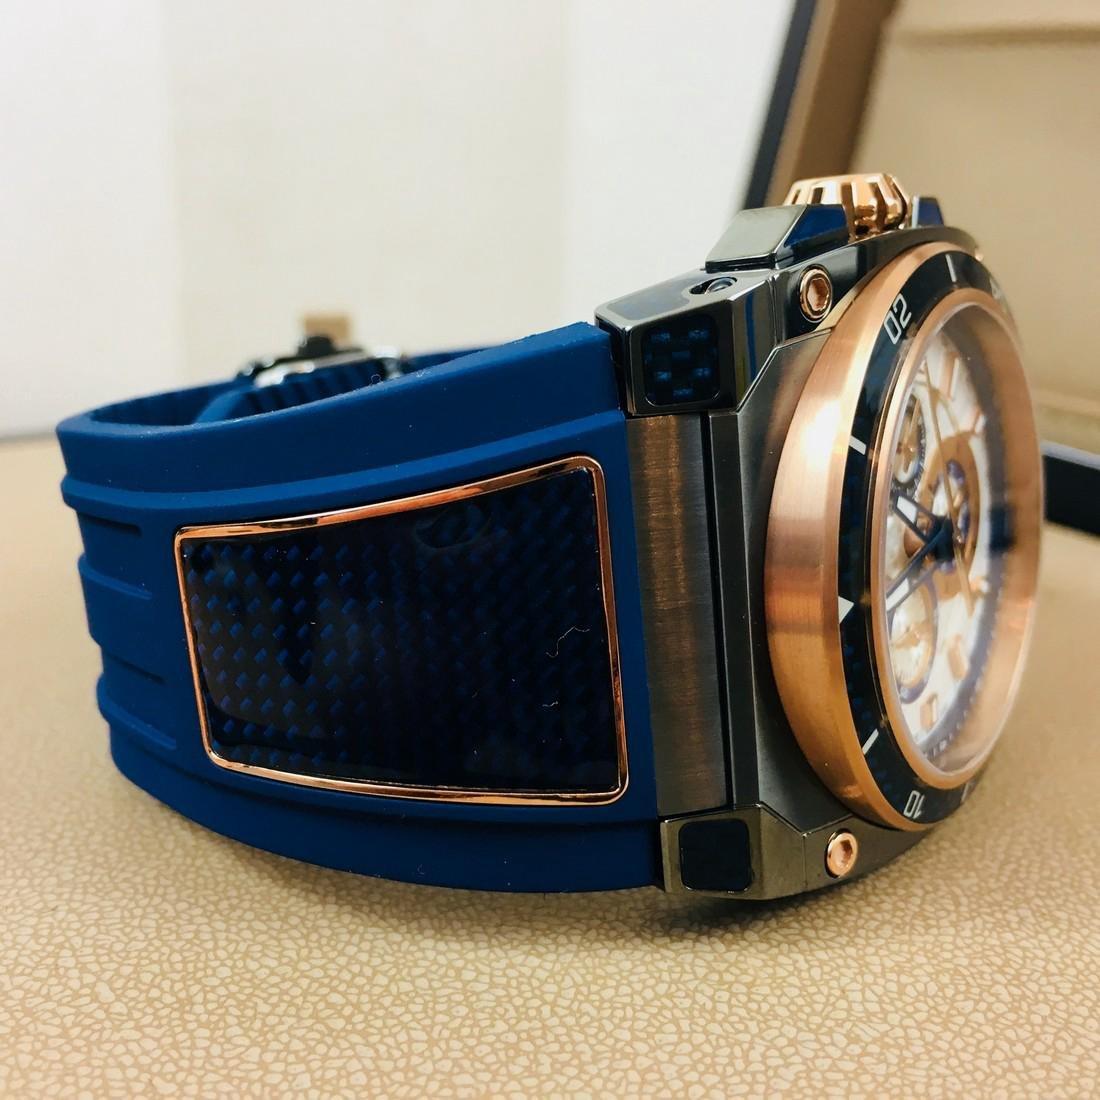 Savoy Titanium Carbon Swiss Made Luxury Watch - 7